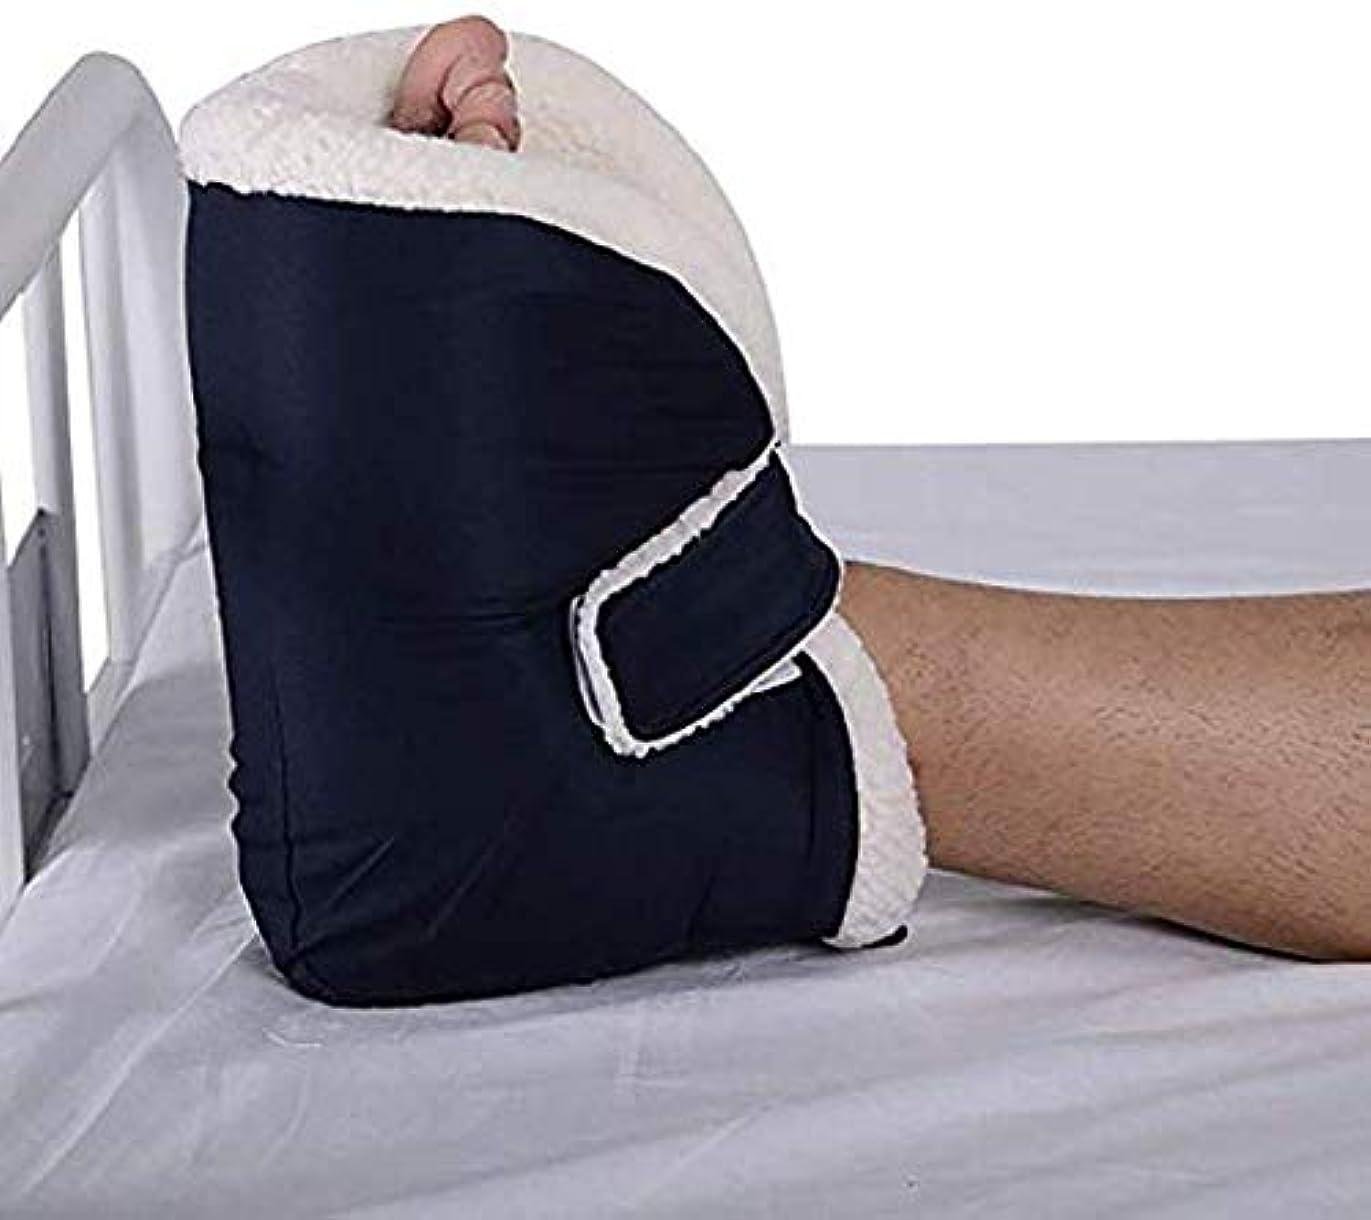 モデレータ反応するクラブヒールクッションプロテクター、かかとの保護枕足首関節の快適な綿毛顆粒ケアパッド-褥瘡をしますと潰瘍の軽減